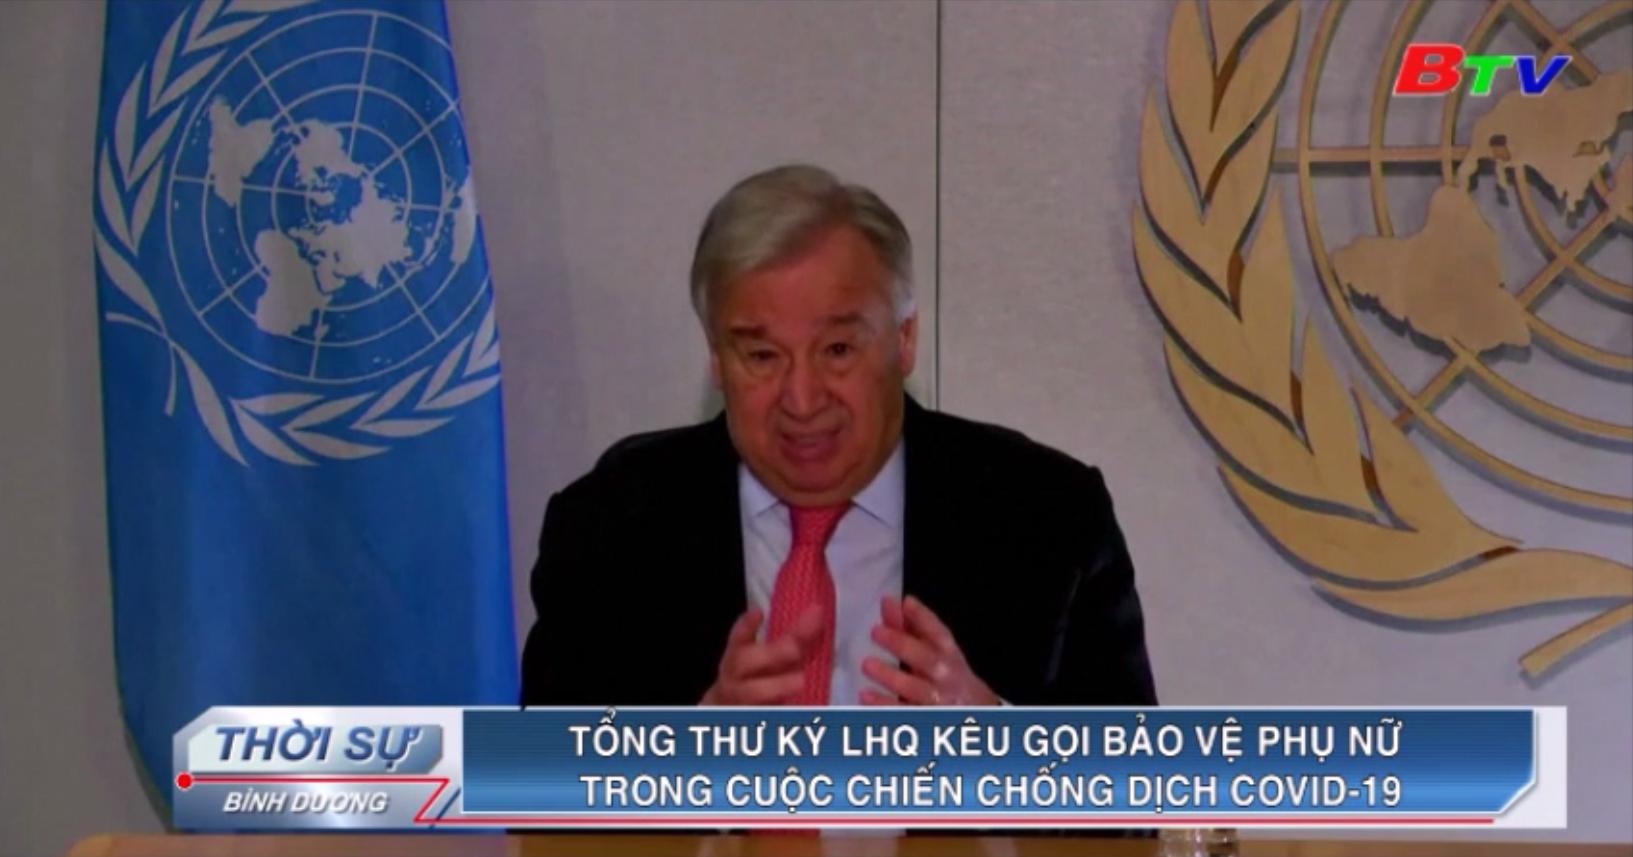 Tổng Thư ký LHQ kêu gọi bảo vệ phụ nữ trong cuộc chiến chống dịch Covid-19